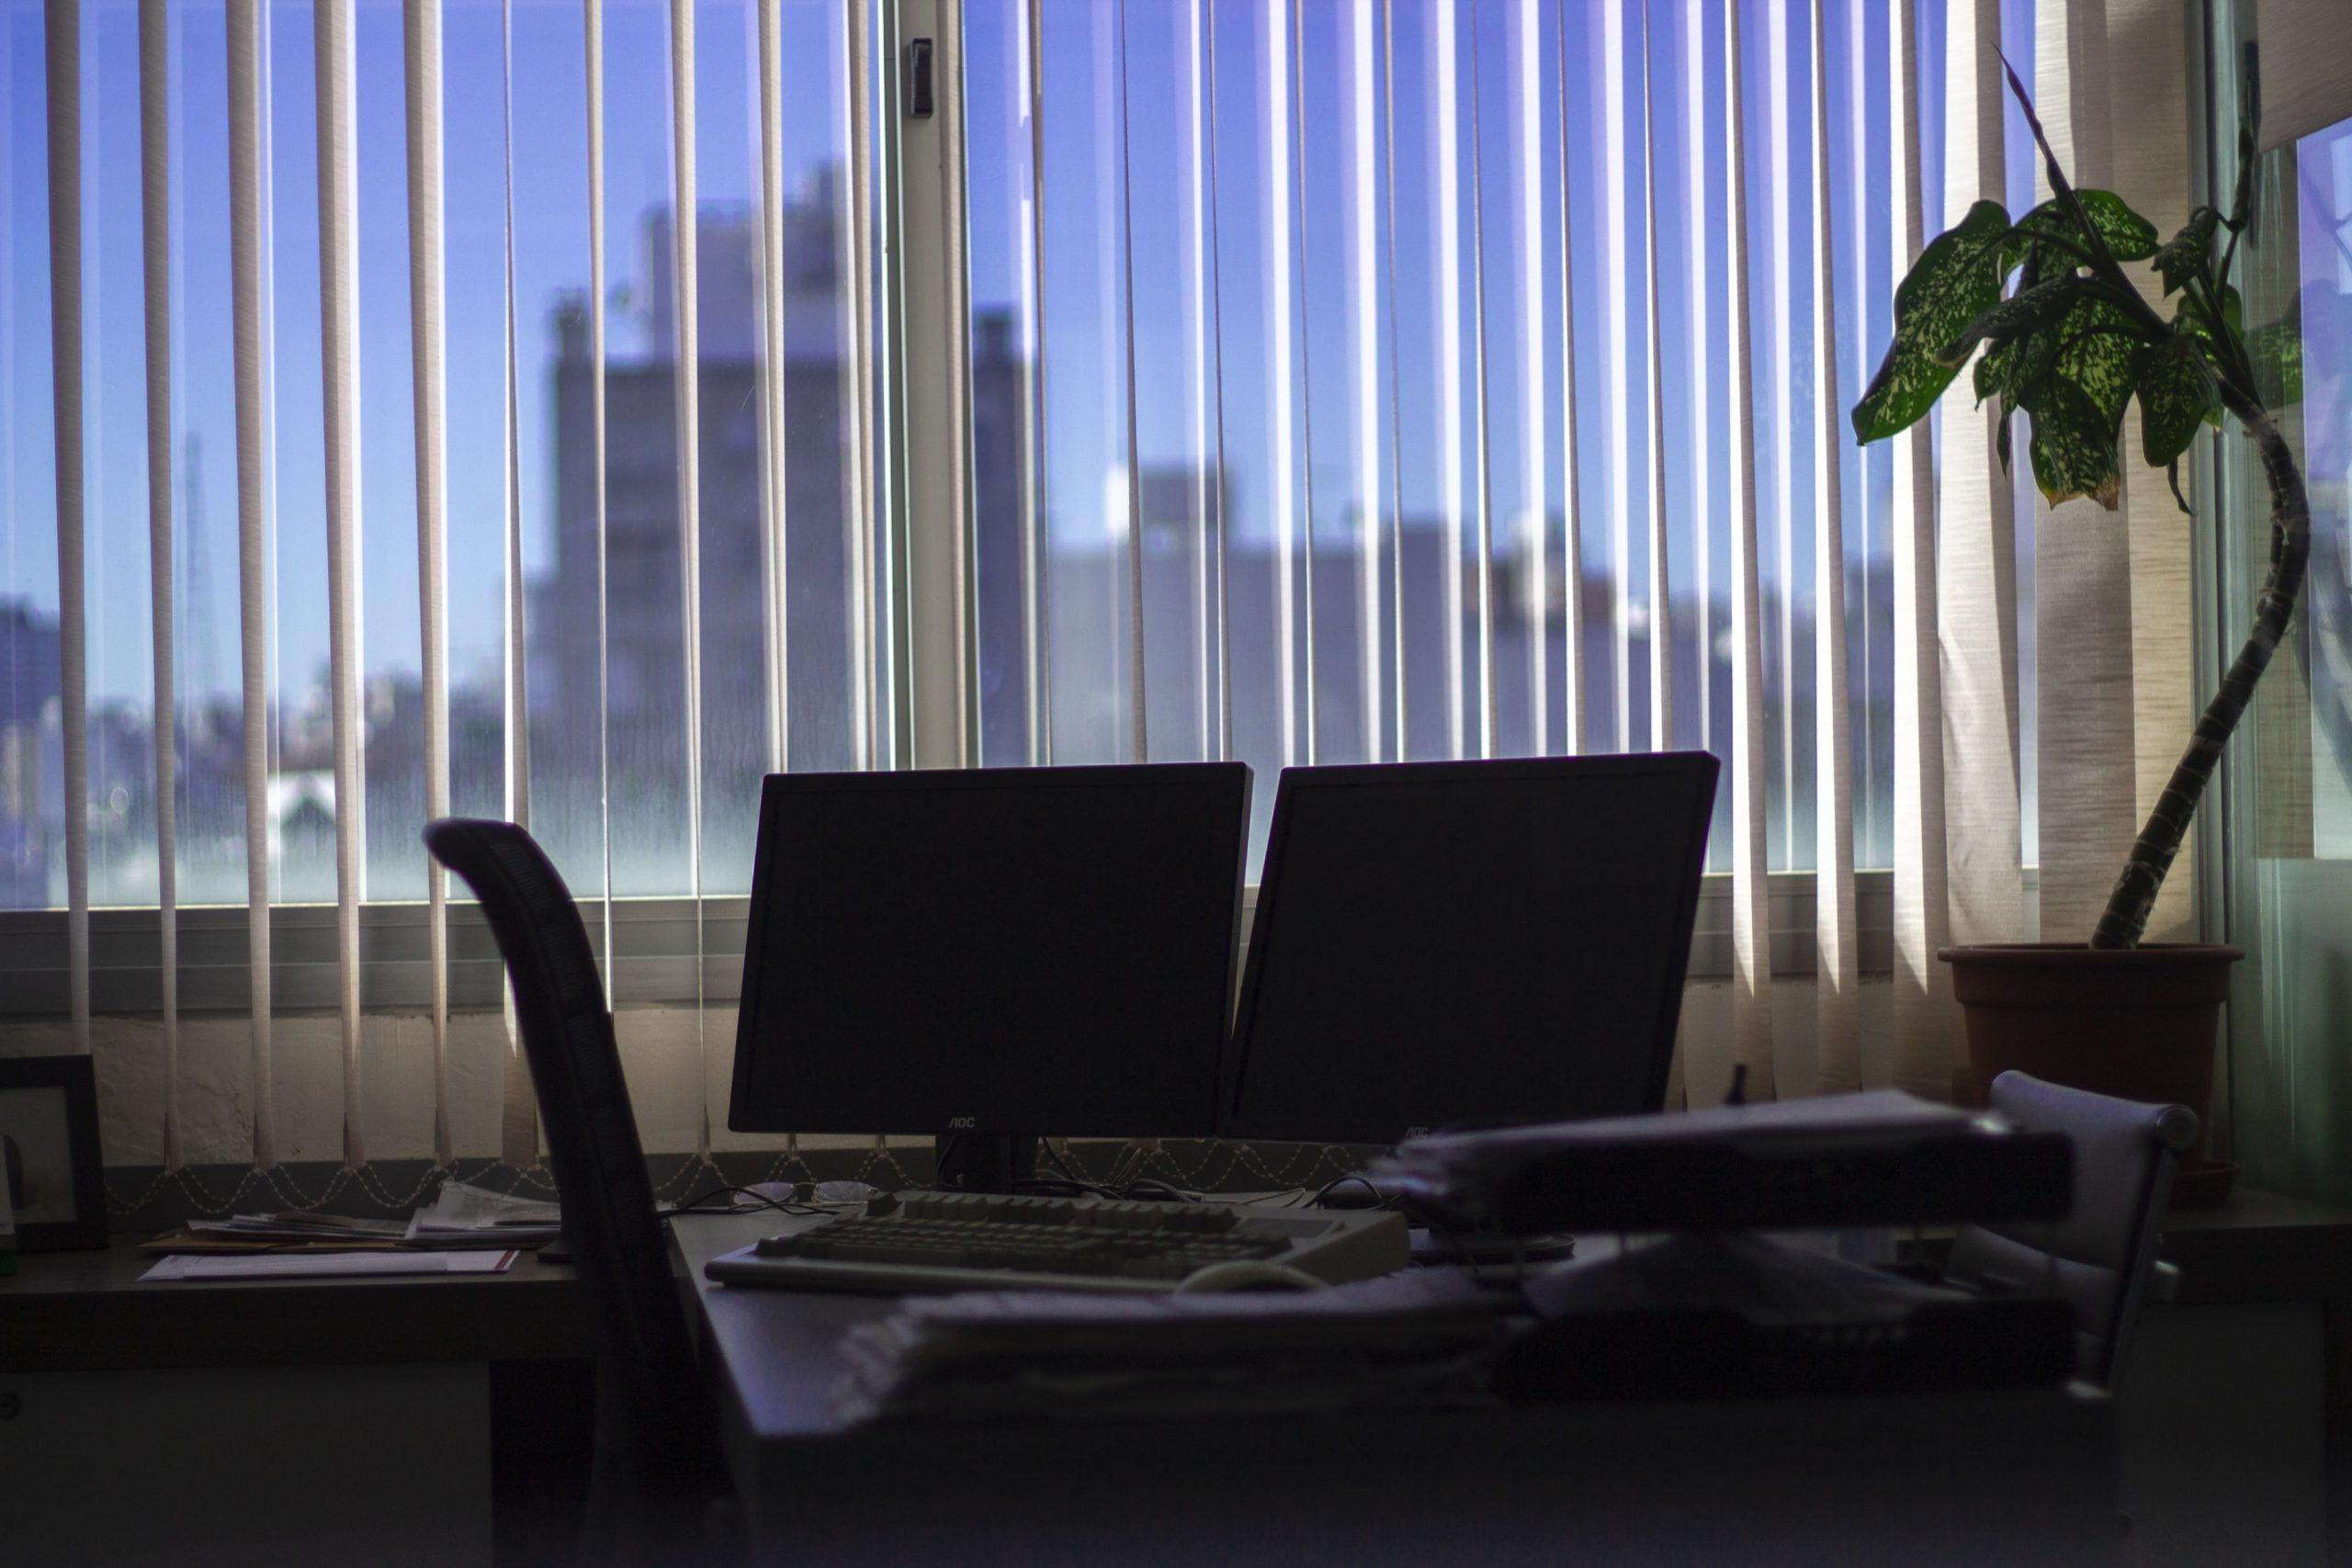 Insiderverkäufe nehmen zu - Beispielbild PC-Bildschirme in dunklem Büro